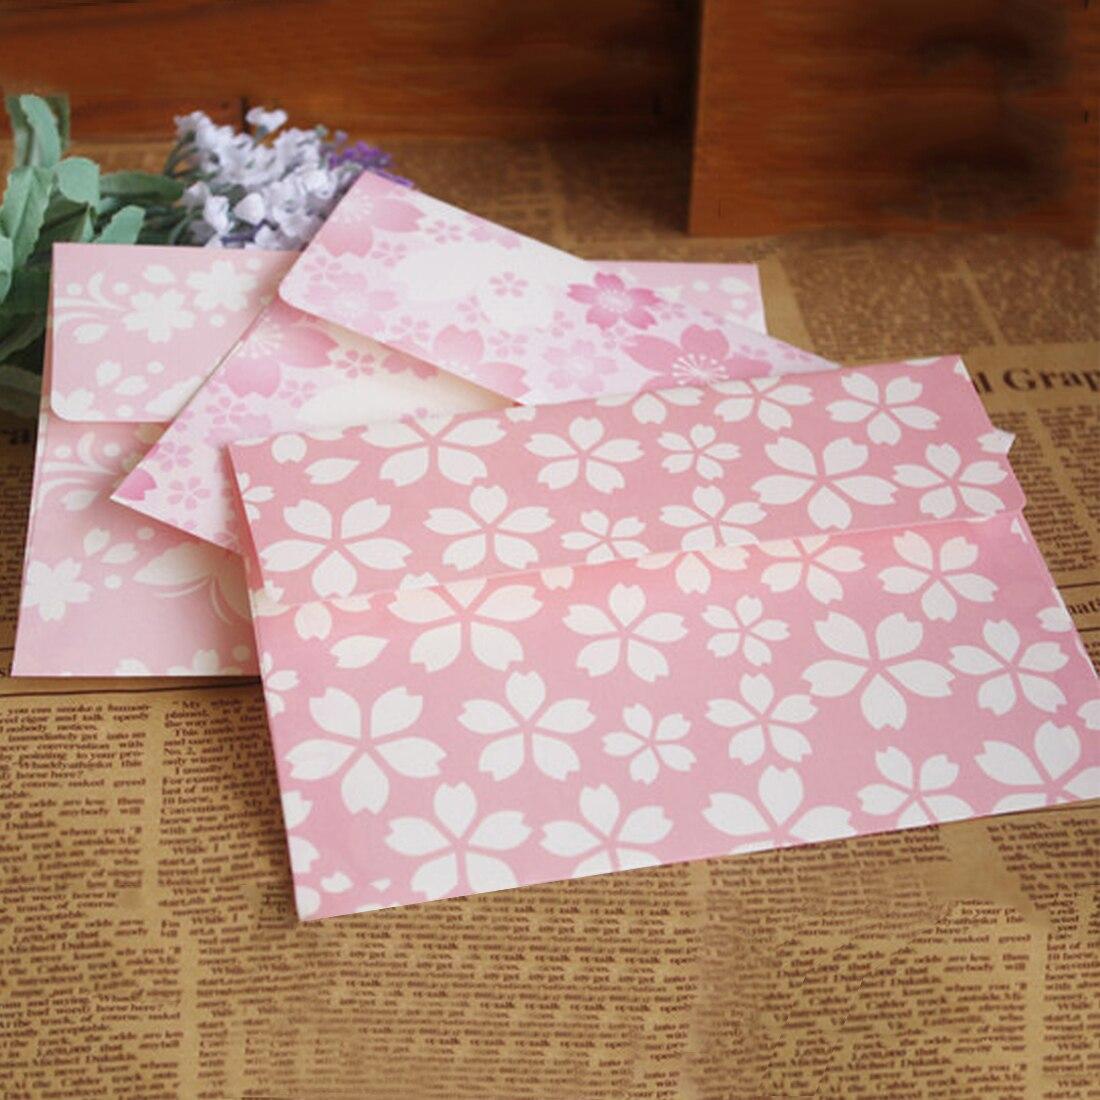 FangNymph Exquisite Cherry Blossoms Envelope Letterhead Letter Paper Elegant Floral Envelopes Love Letters 17.5*12.5cm